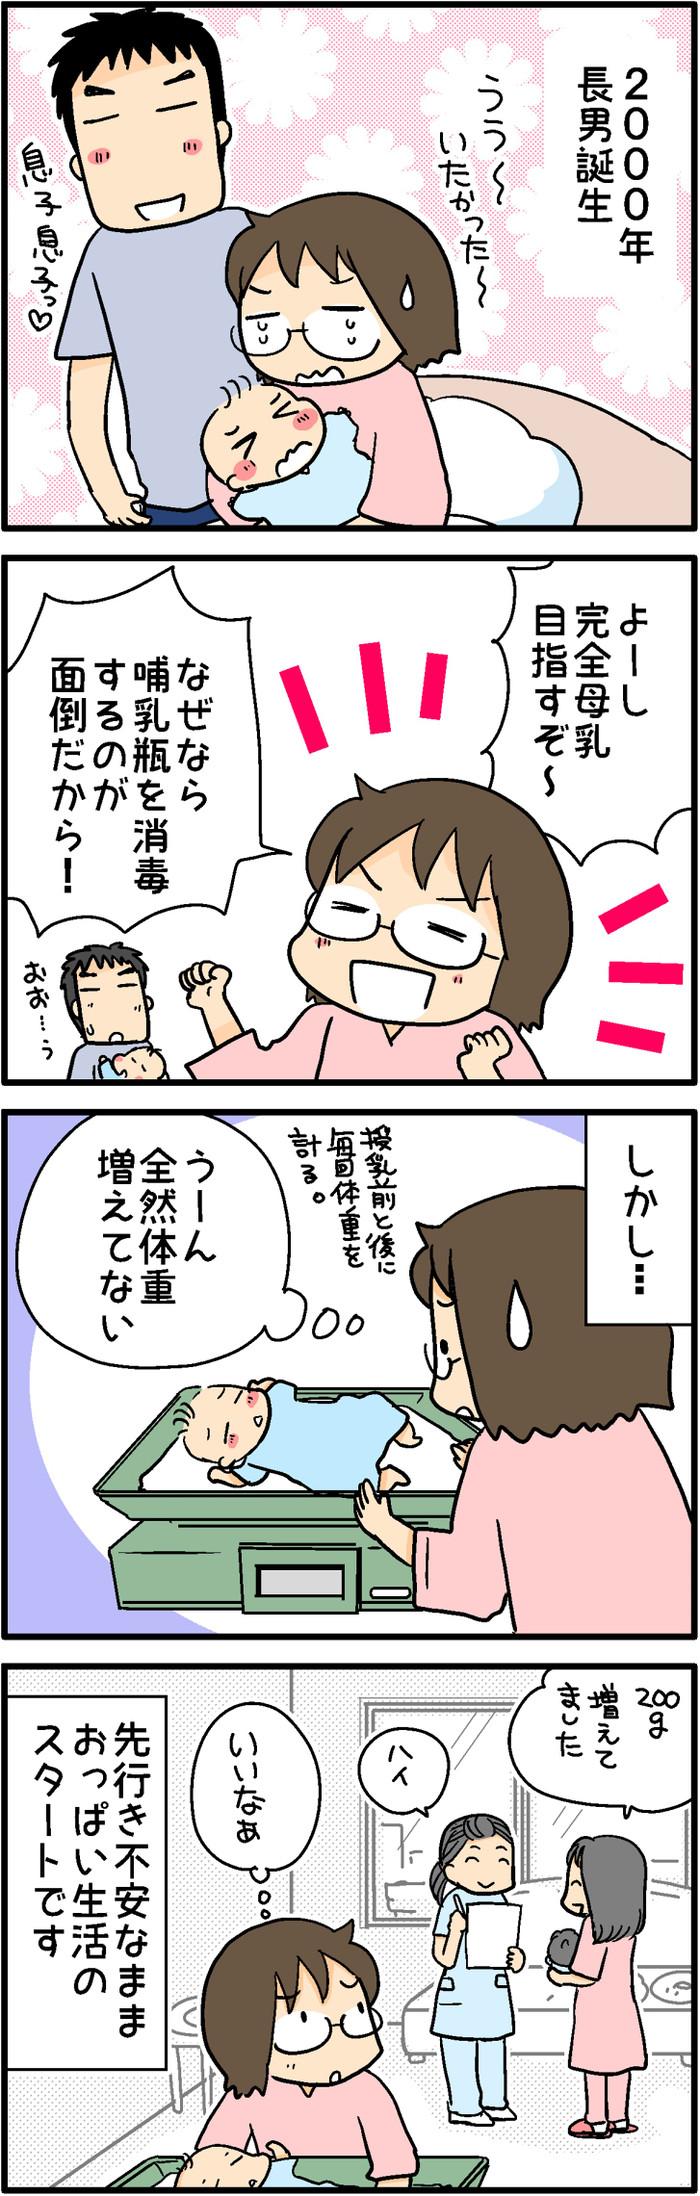 「おっぱい出るかな?」出産後、完全母乳を目指してみたけれど… ~おやこぐらし 授乳エピソード1~の画像1